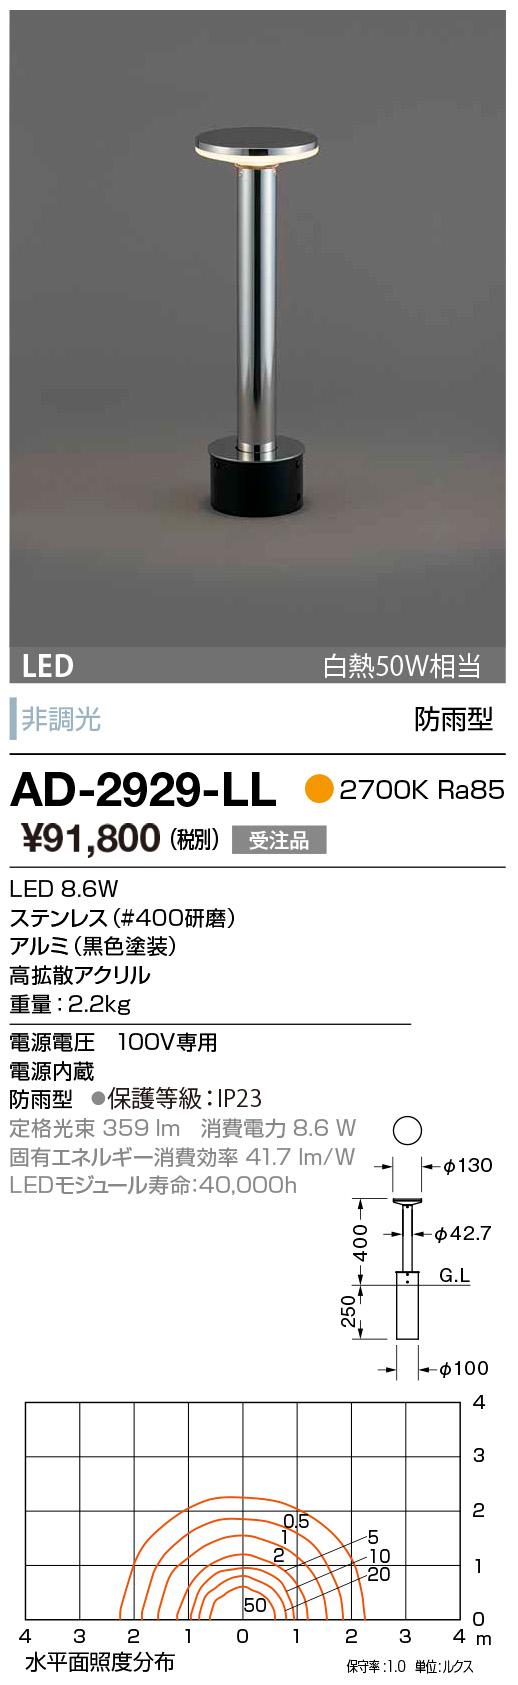 山田照明 照明器具エクステリア LED一体型スーパースリムガーデンライト下方配光 電球色 白熱50W相当非調光 防雨型AD-2929-LL